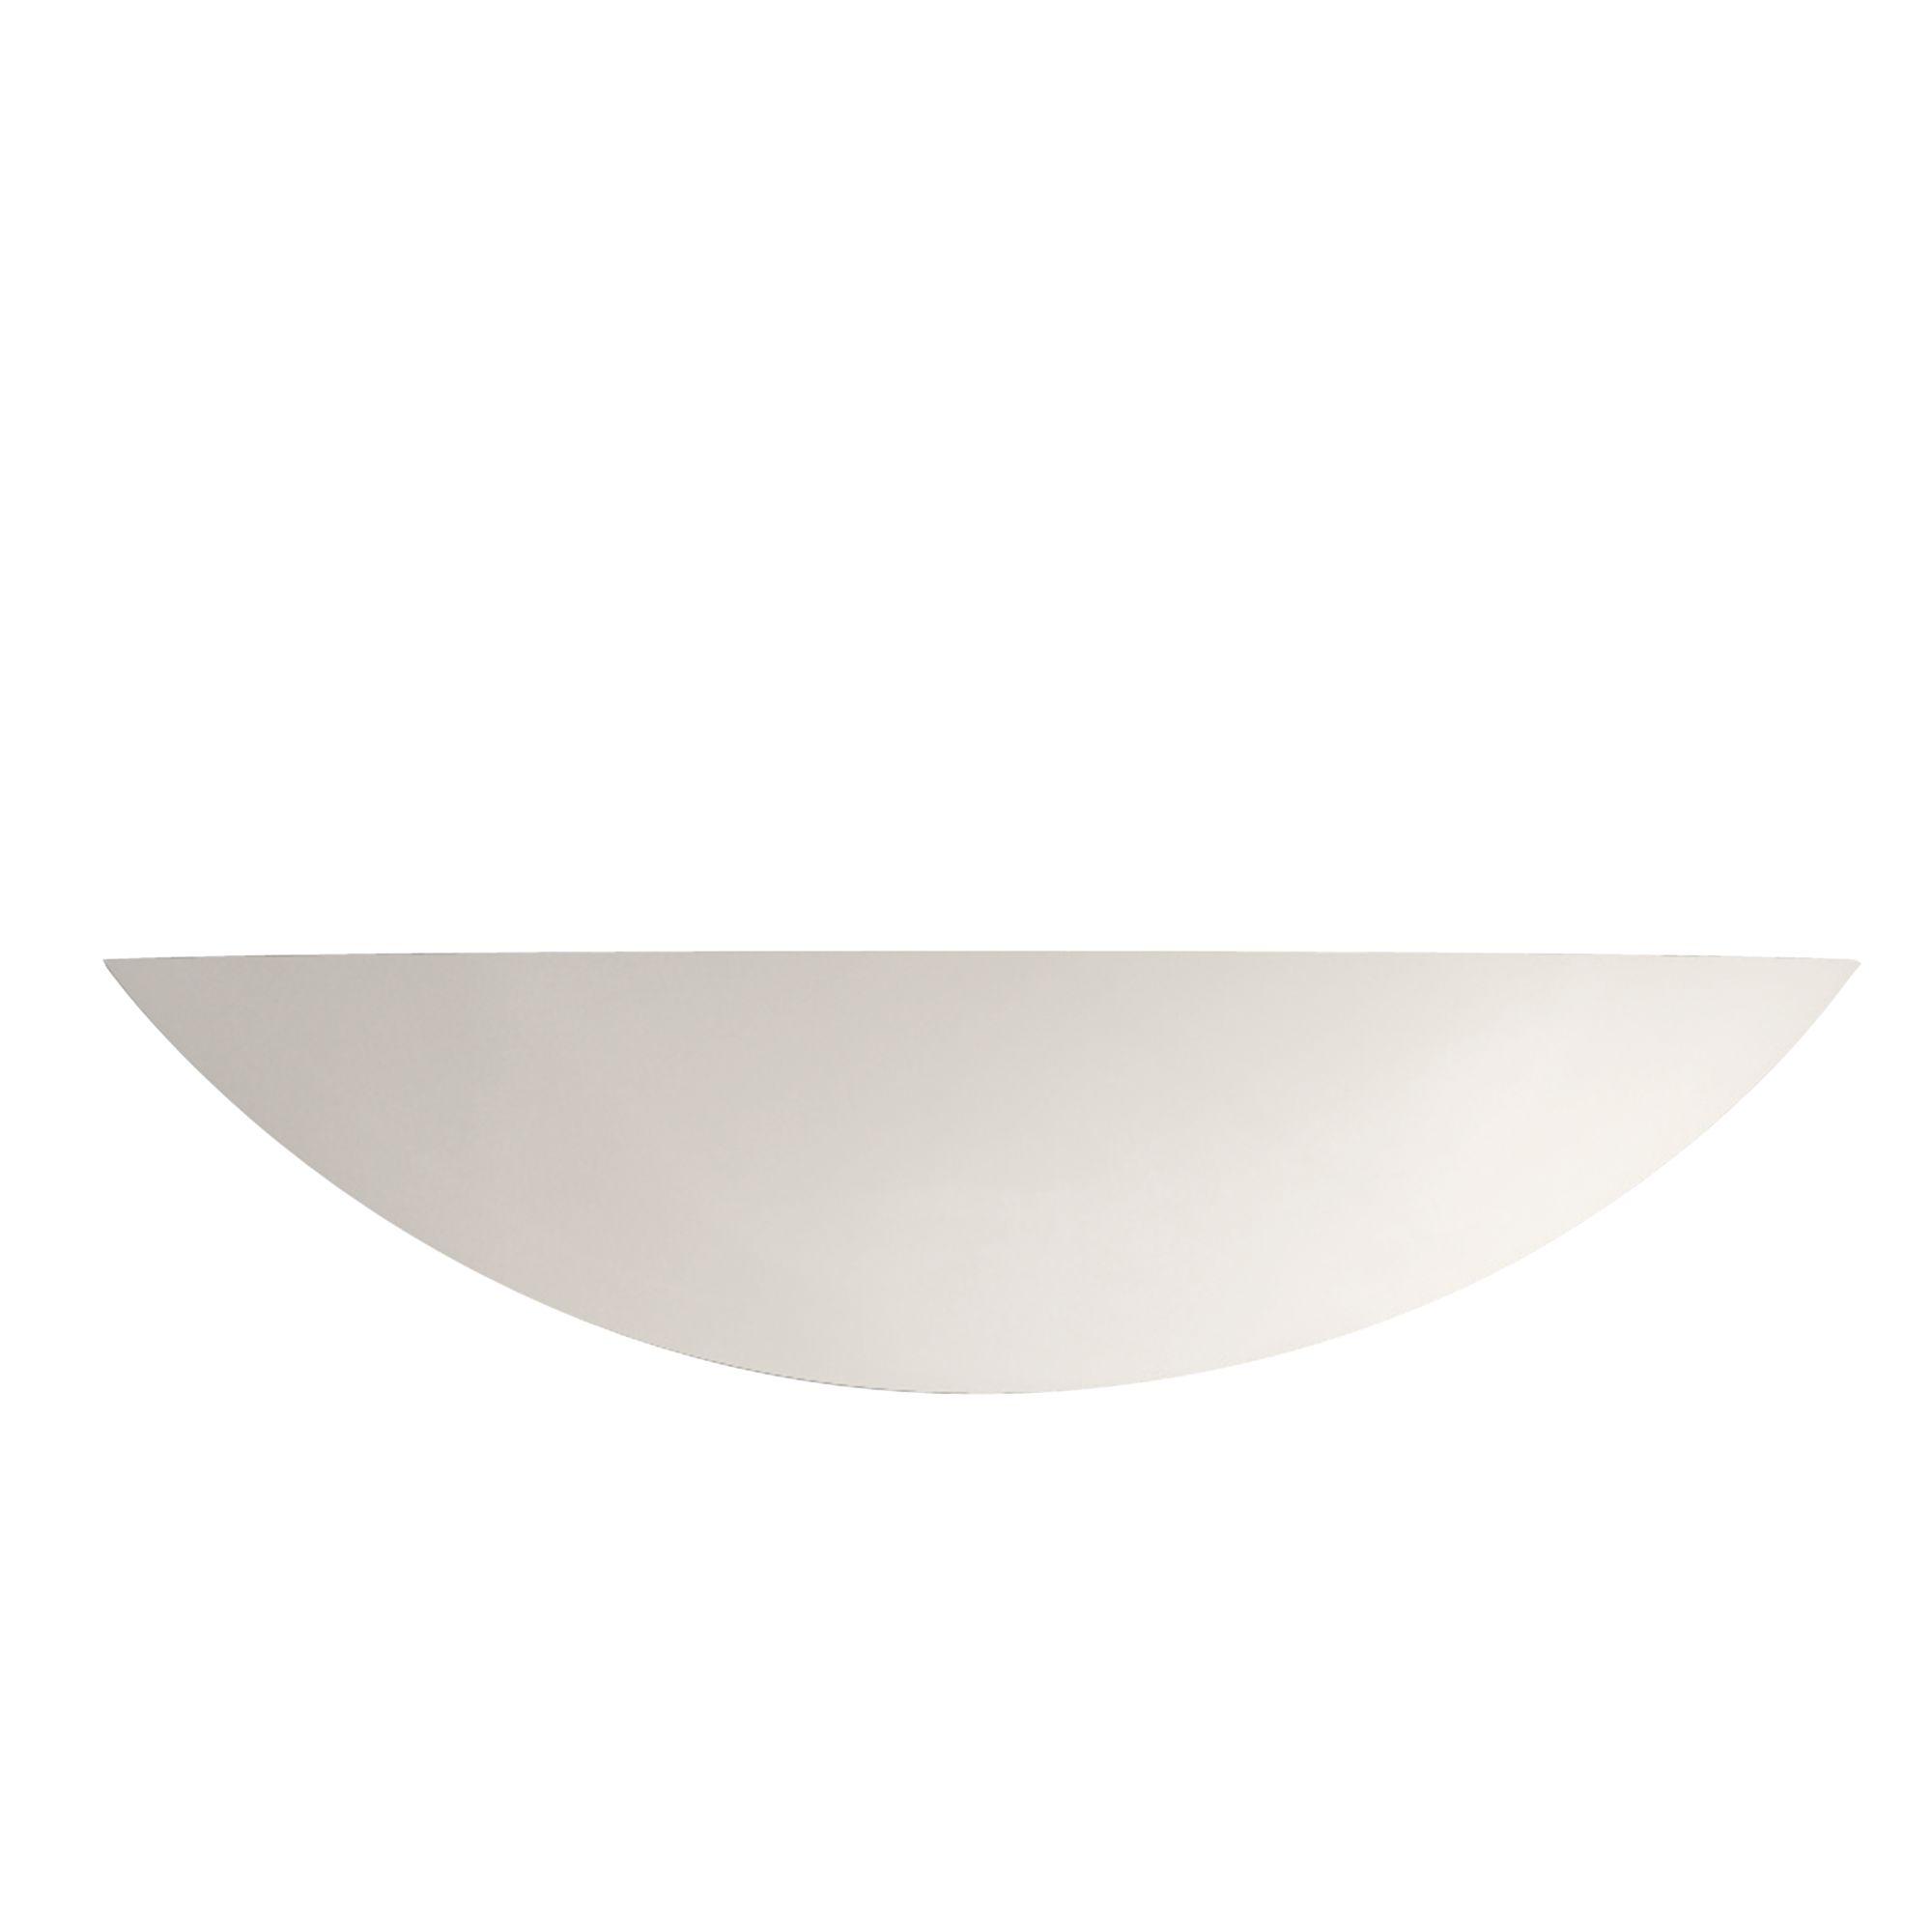 White Ceramic Uplighter Paintable Wall Light